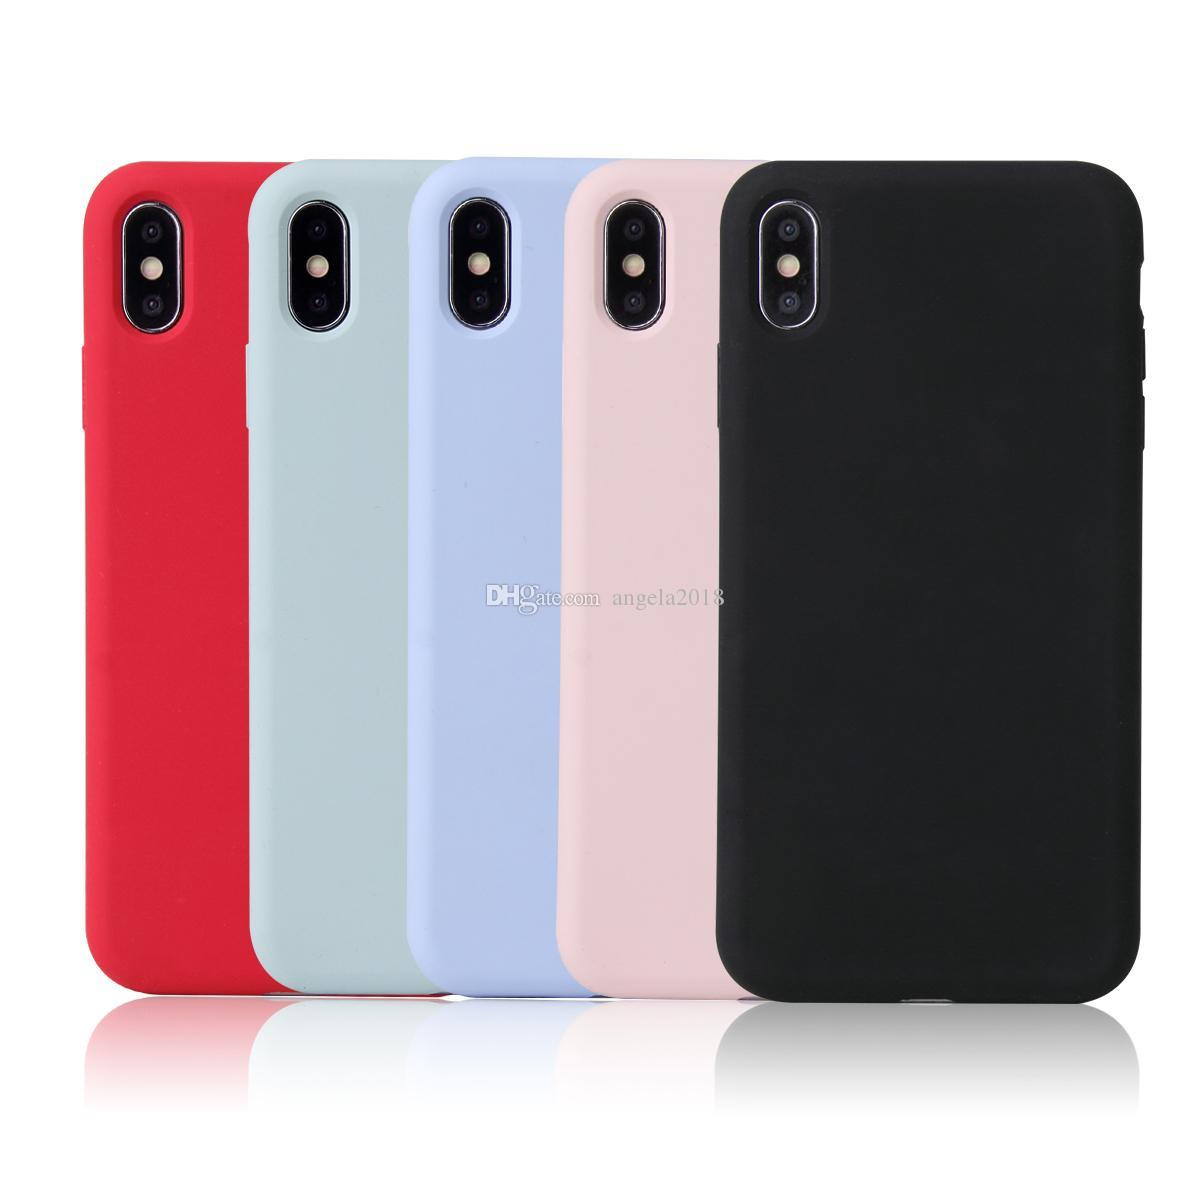 Di alta qualità per l'iPhone cassa del silicone di x xs xr 8 7 6 6s più la copertura del telefono del silicone per l'iphone 11 caso Pro max